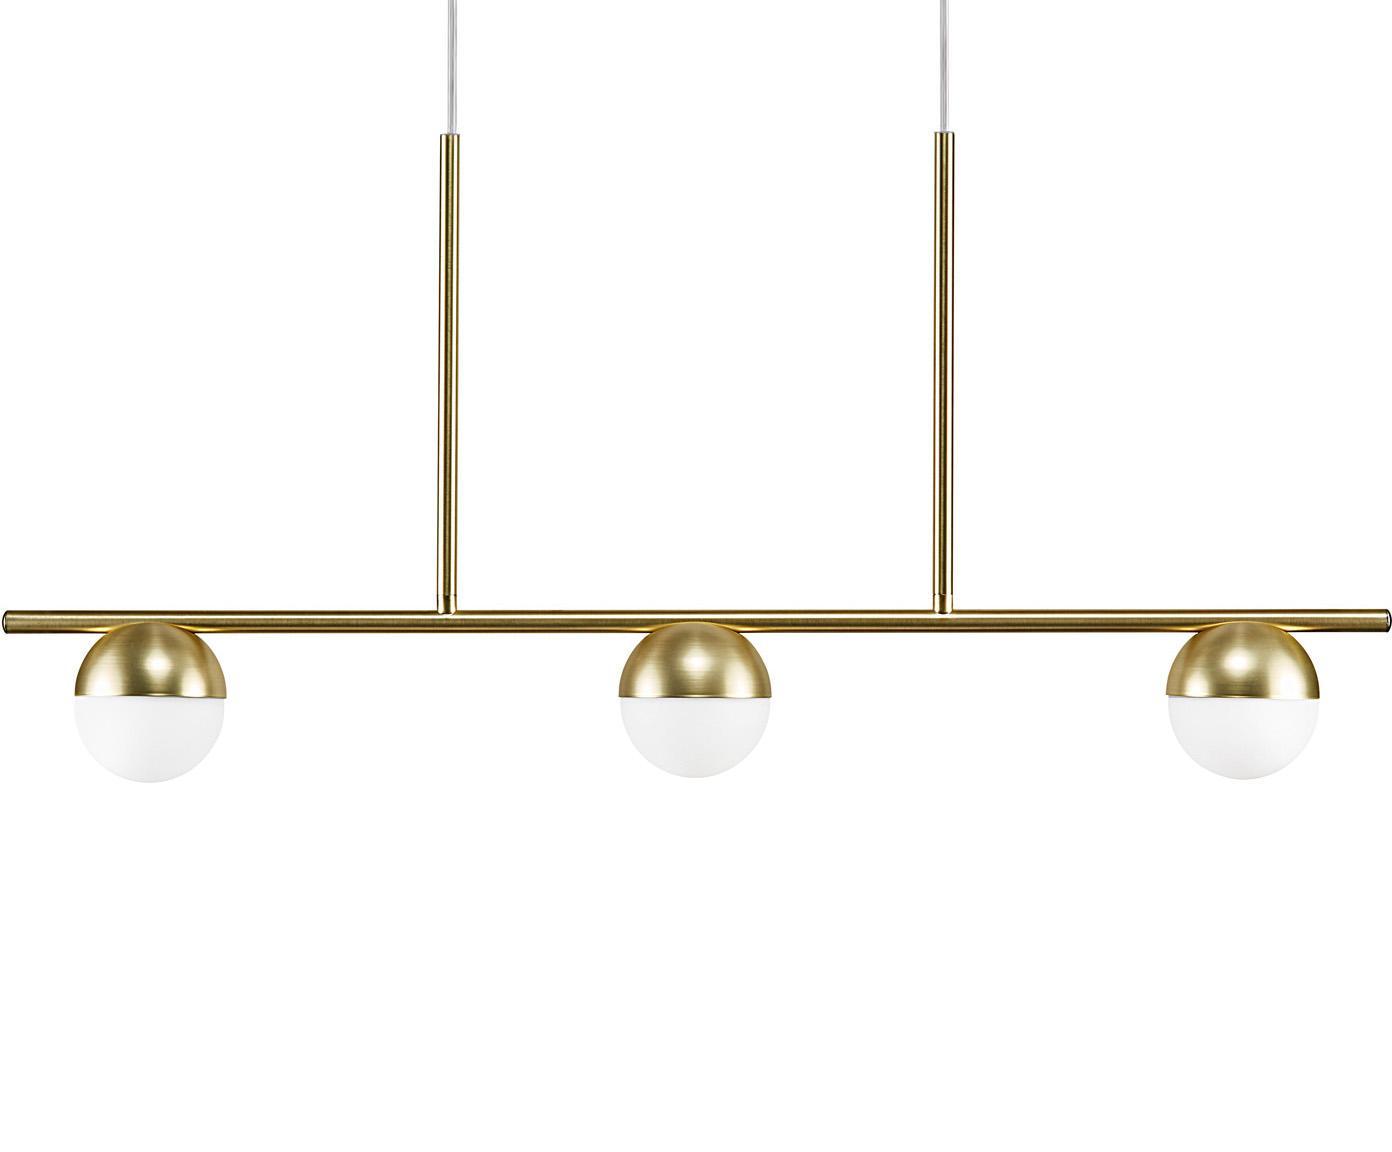 Grosse Pendelleuchte Contina, Lampenschirm: Opalglas, Baldachin: Metall, beschichtet, Weiss, Messingfarben, 90 x 242 cm